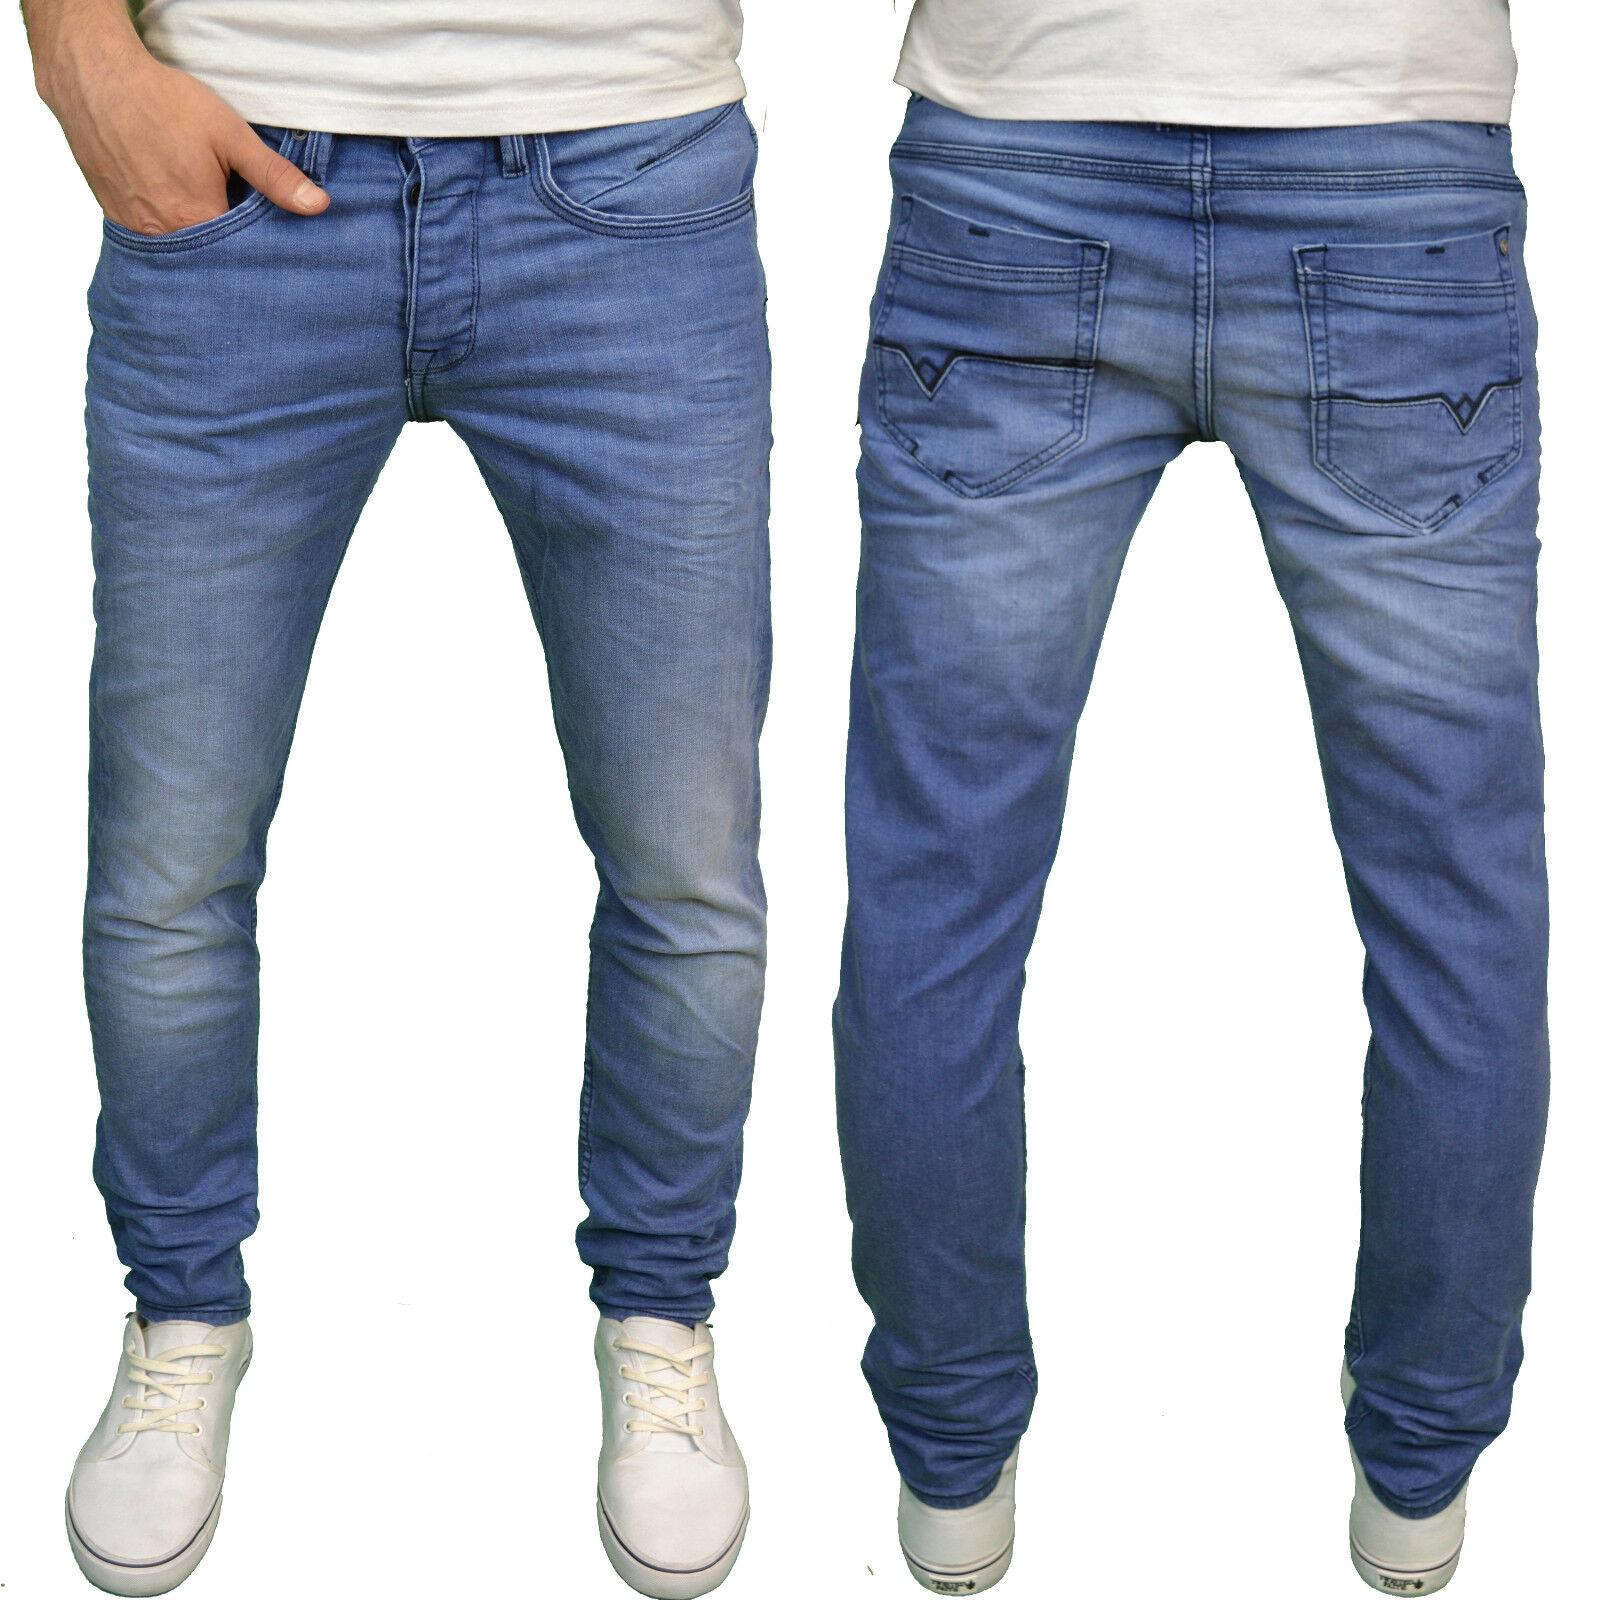 Voi Herren Designer Marke Stretch kegelförmig Mitte blau Jeans, neu mit Etikett  | Sale Online  | Deutschland Frankfurt  | Zürich